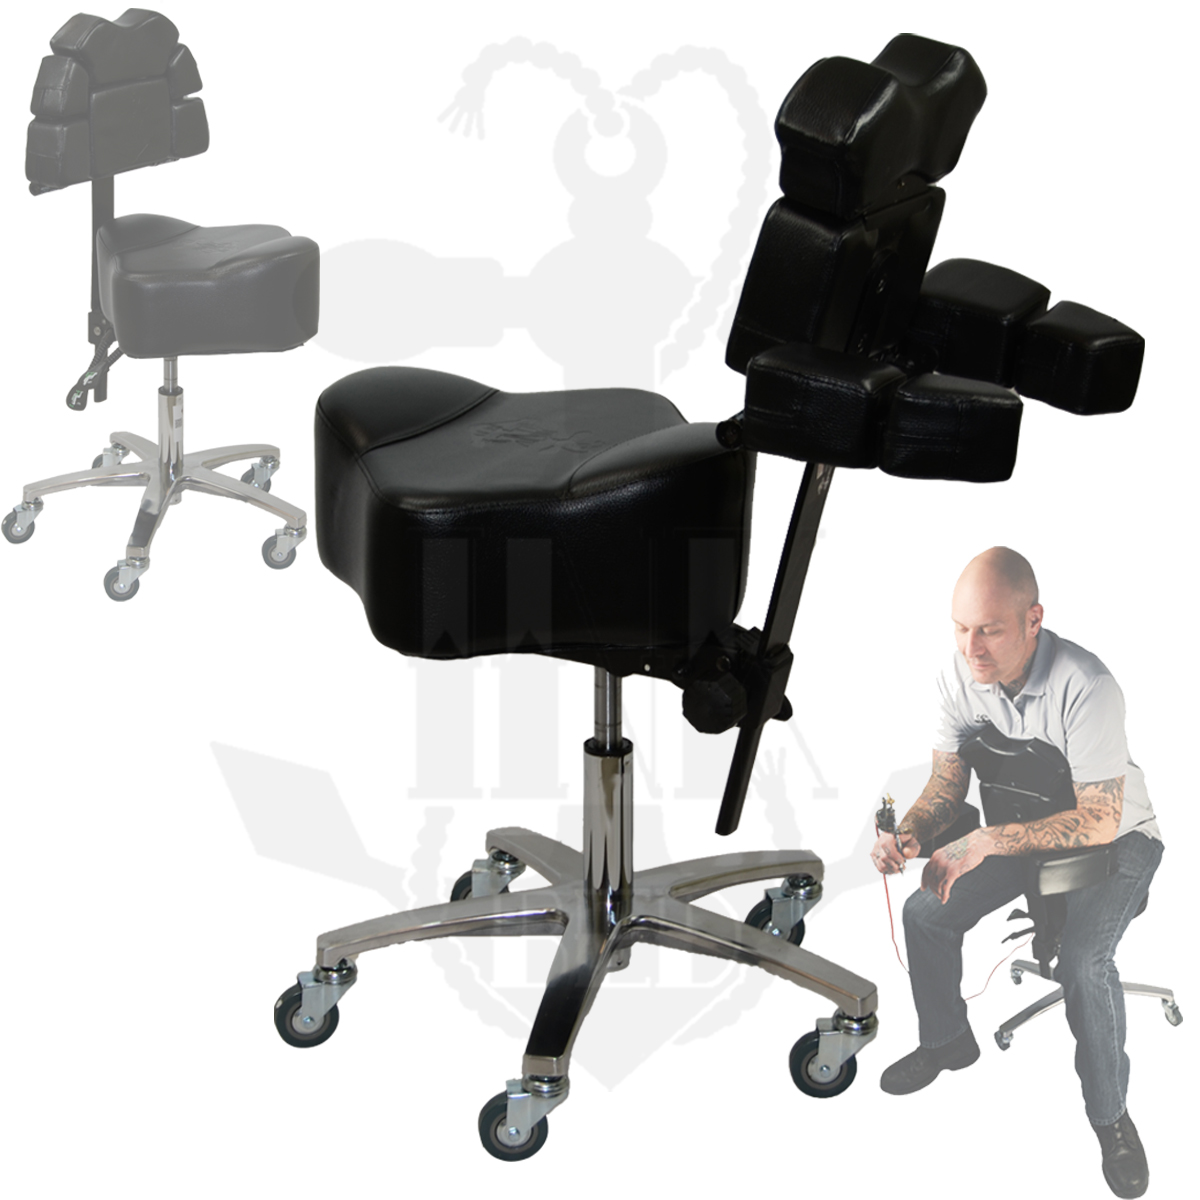 inkchair inkstool deluxe ergonomic client artist package inkbed